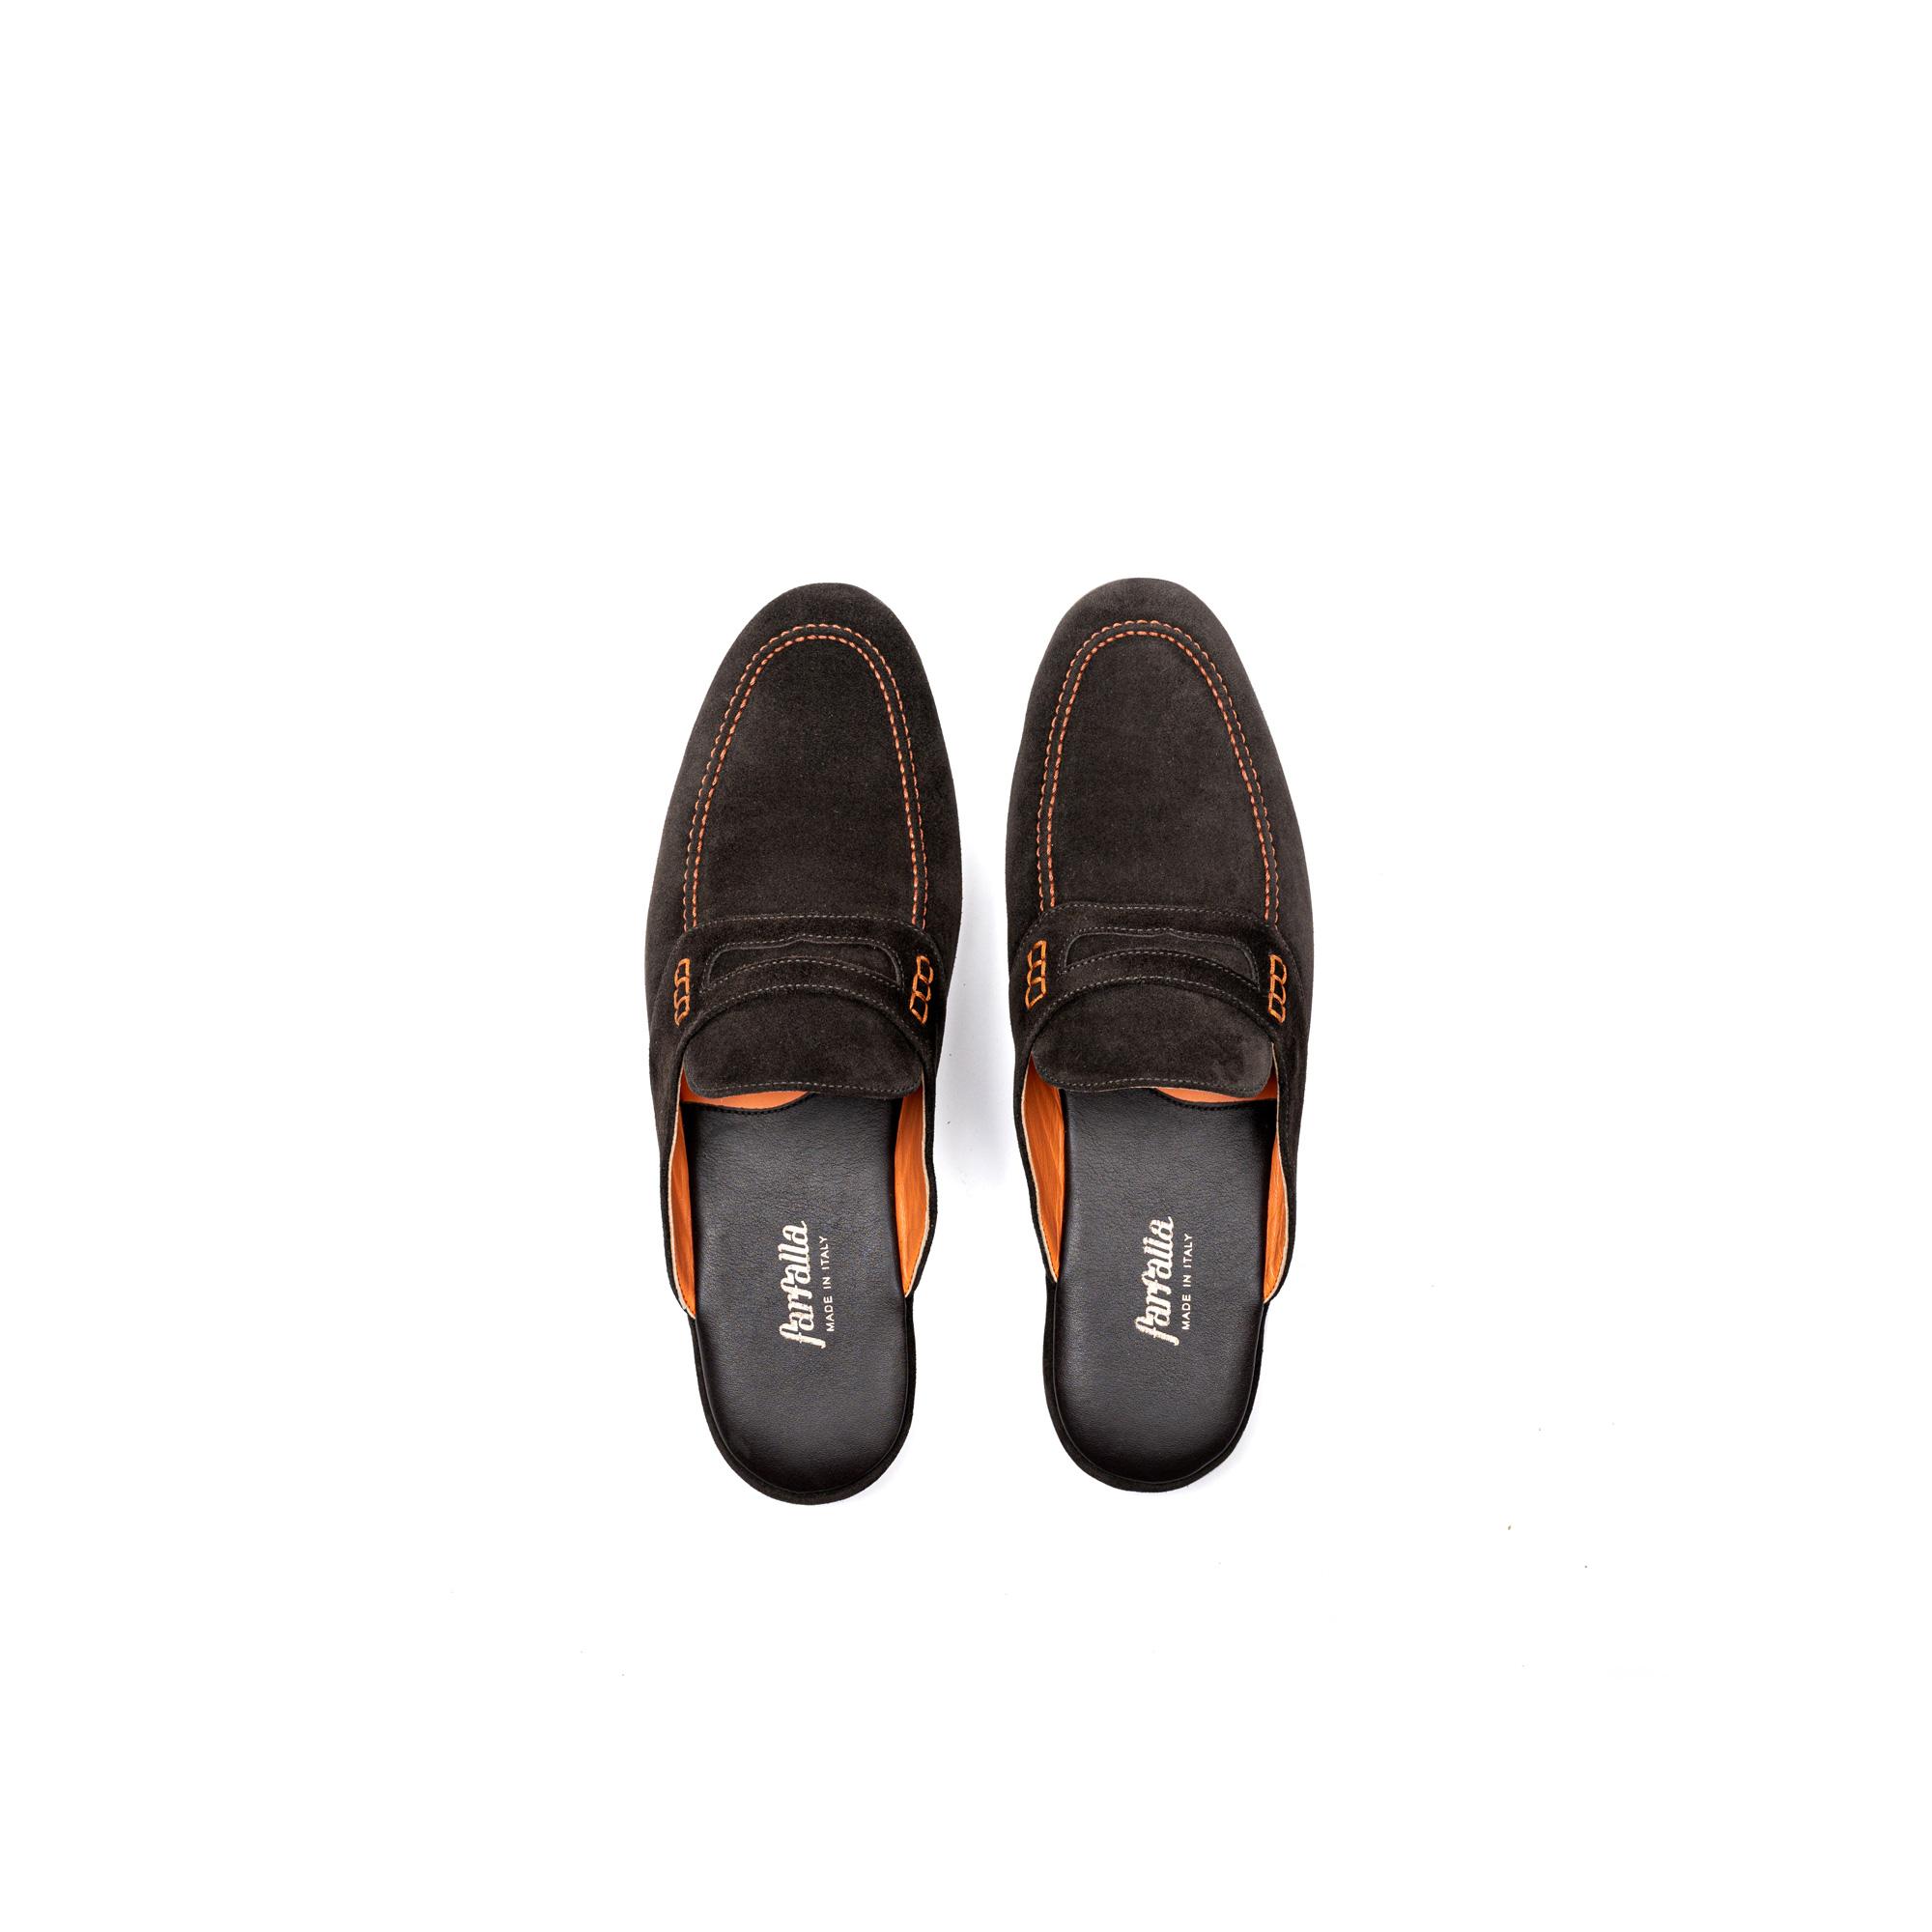 Pantofola interno classico aperta in velour pepe - Farfalla italian slippers